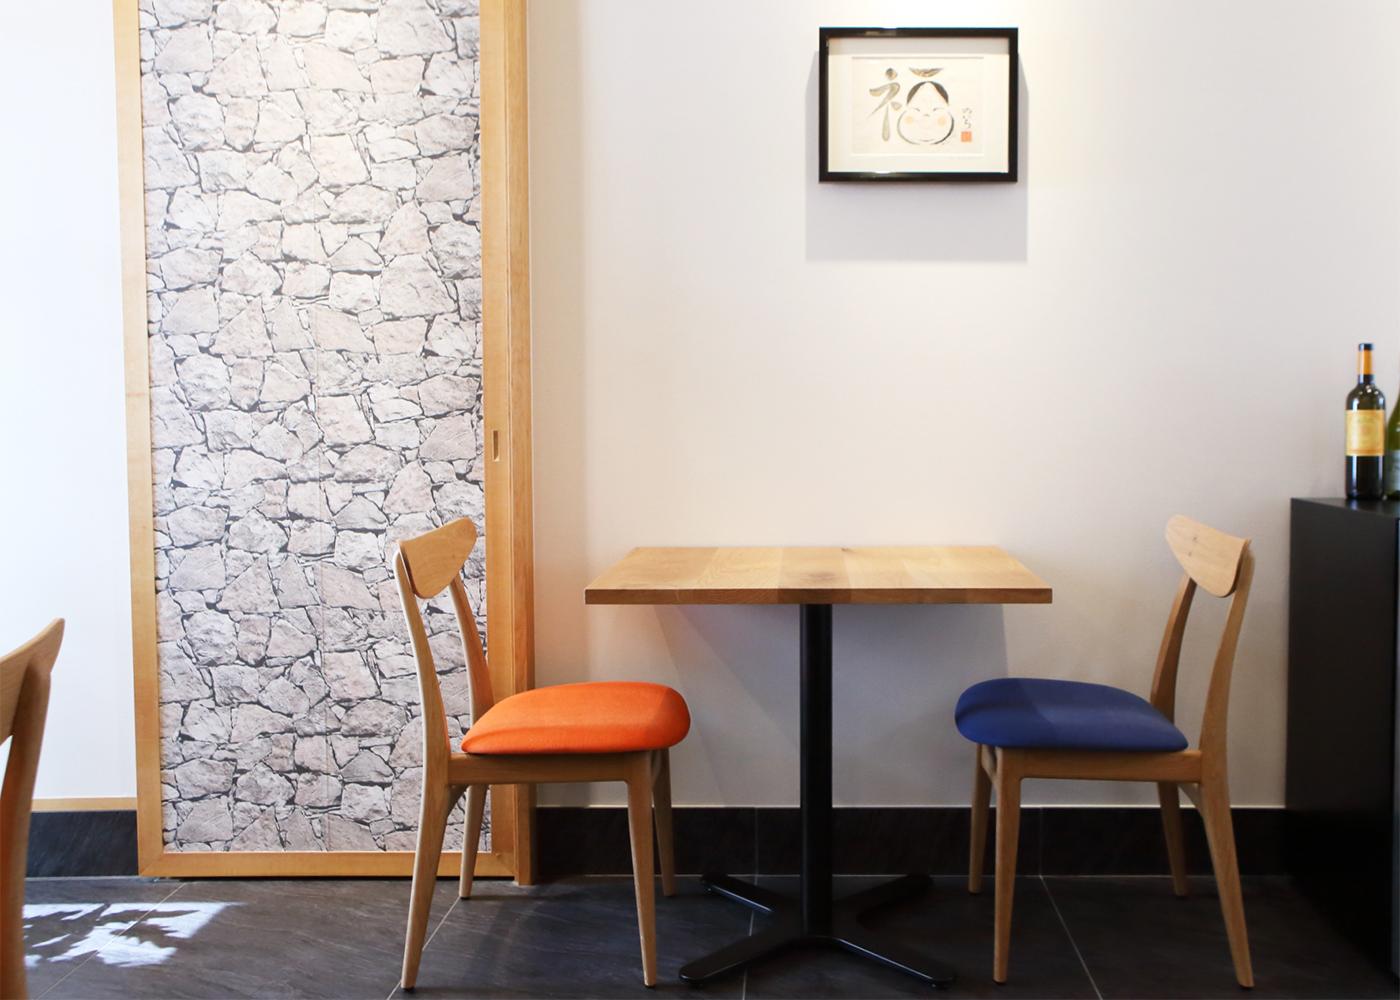 京都市東山区祇園近くの洋食店「一汁洋菜のいち」様へ店舗用家具を納品しました